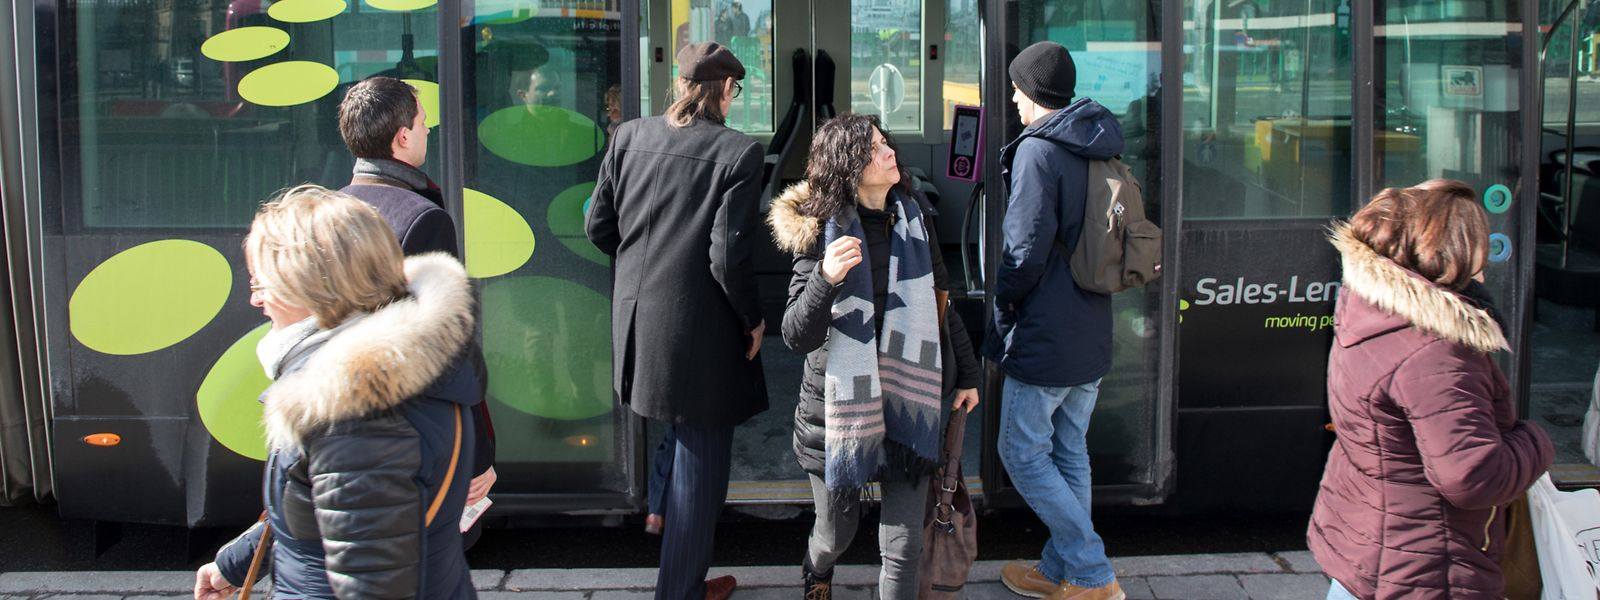 Bitte einsteigen: Vom 29. Februar an sind sämtliche öffentlichen Verkehrsmittel – Bus, Zug und Tram – in Luxemburg für alle Passagiere kostenfrei zugänglich.